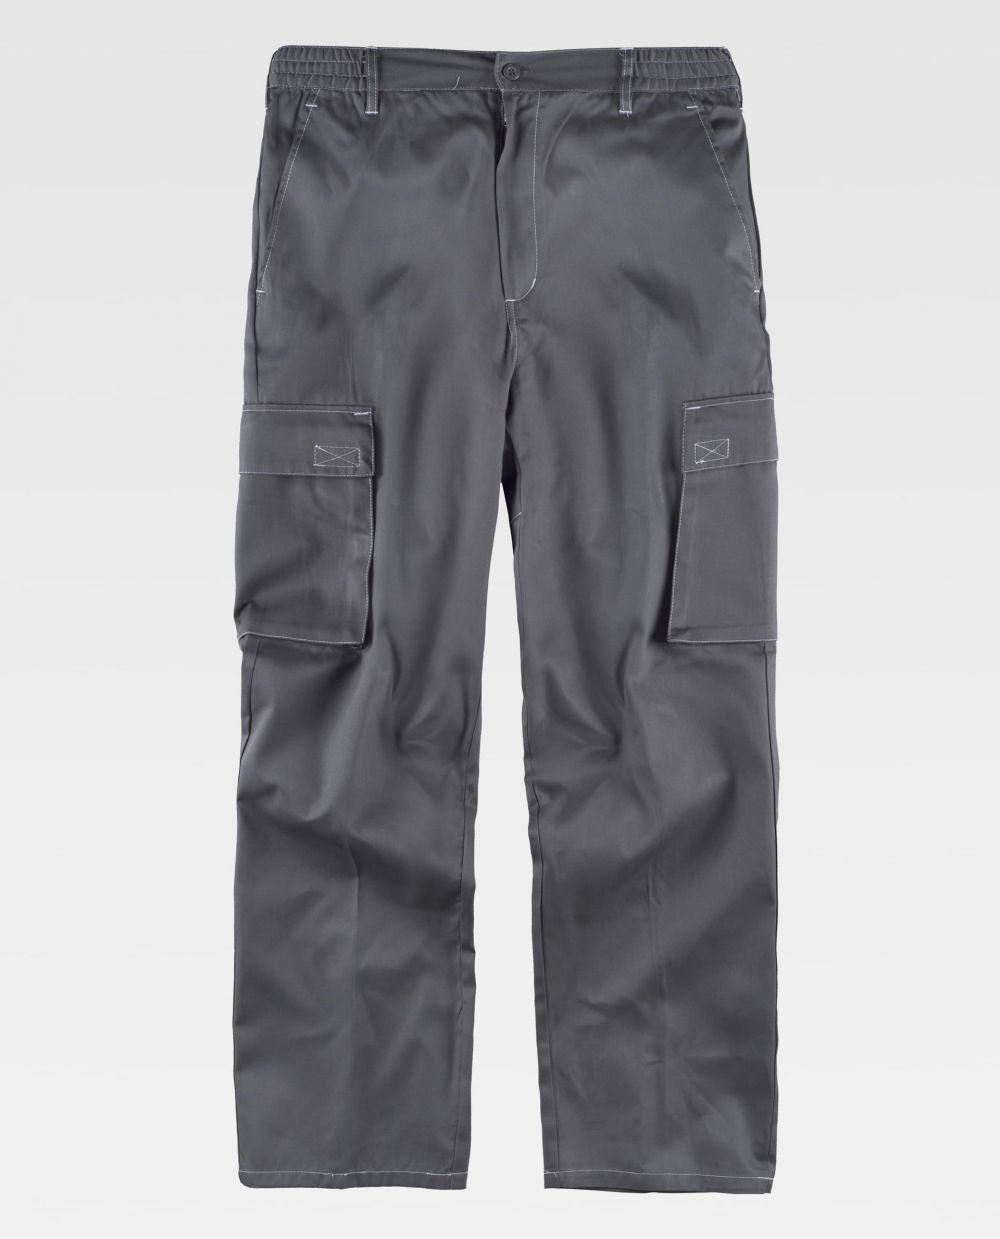 Pantalones de trabajo workteam b1418 de poliéster vista 2